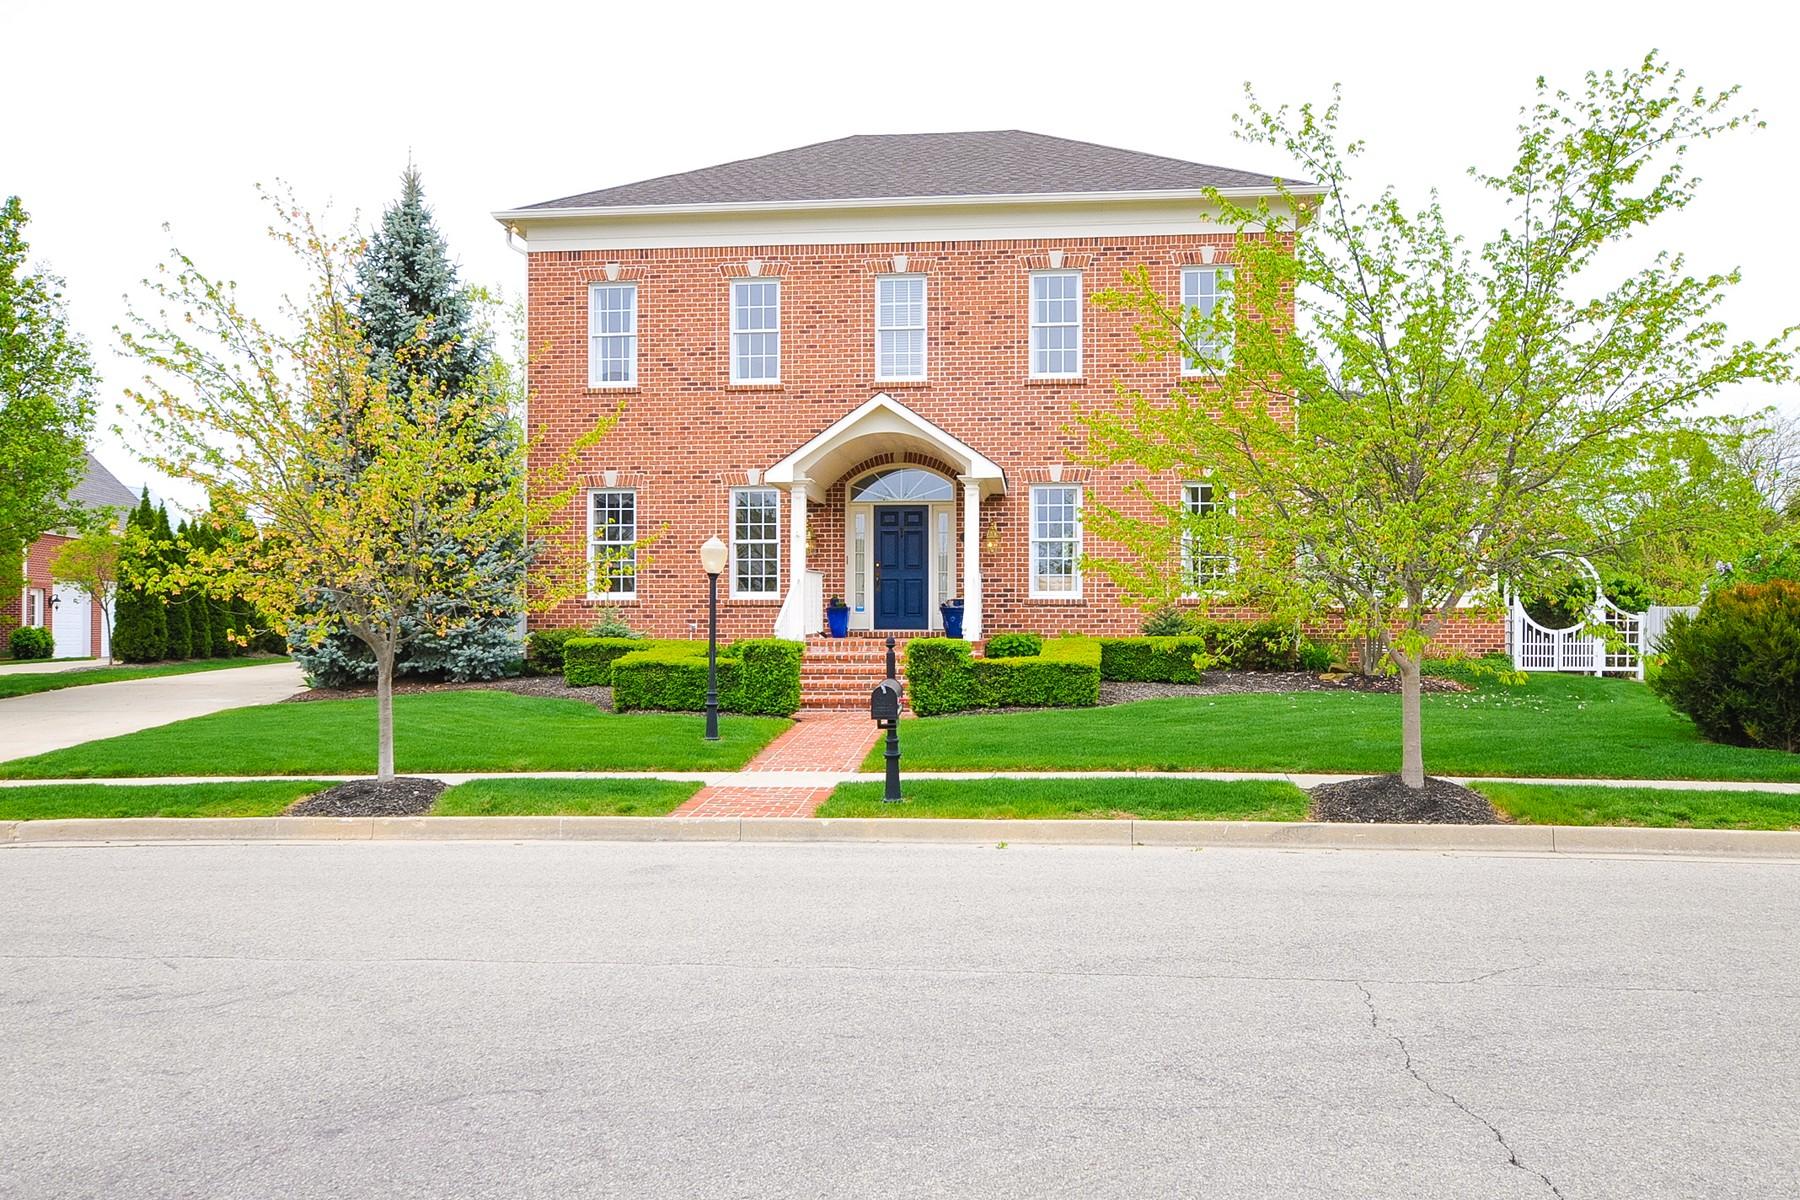 Maison unifamiliale pour l Vente à Immaculate Village of WestClay Home 1886 Broughton Street Carmel, Indiana, 46032 États-Unis